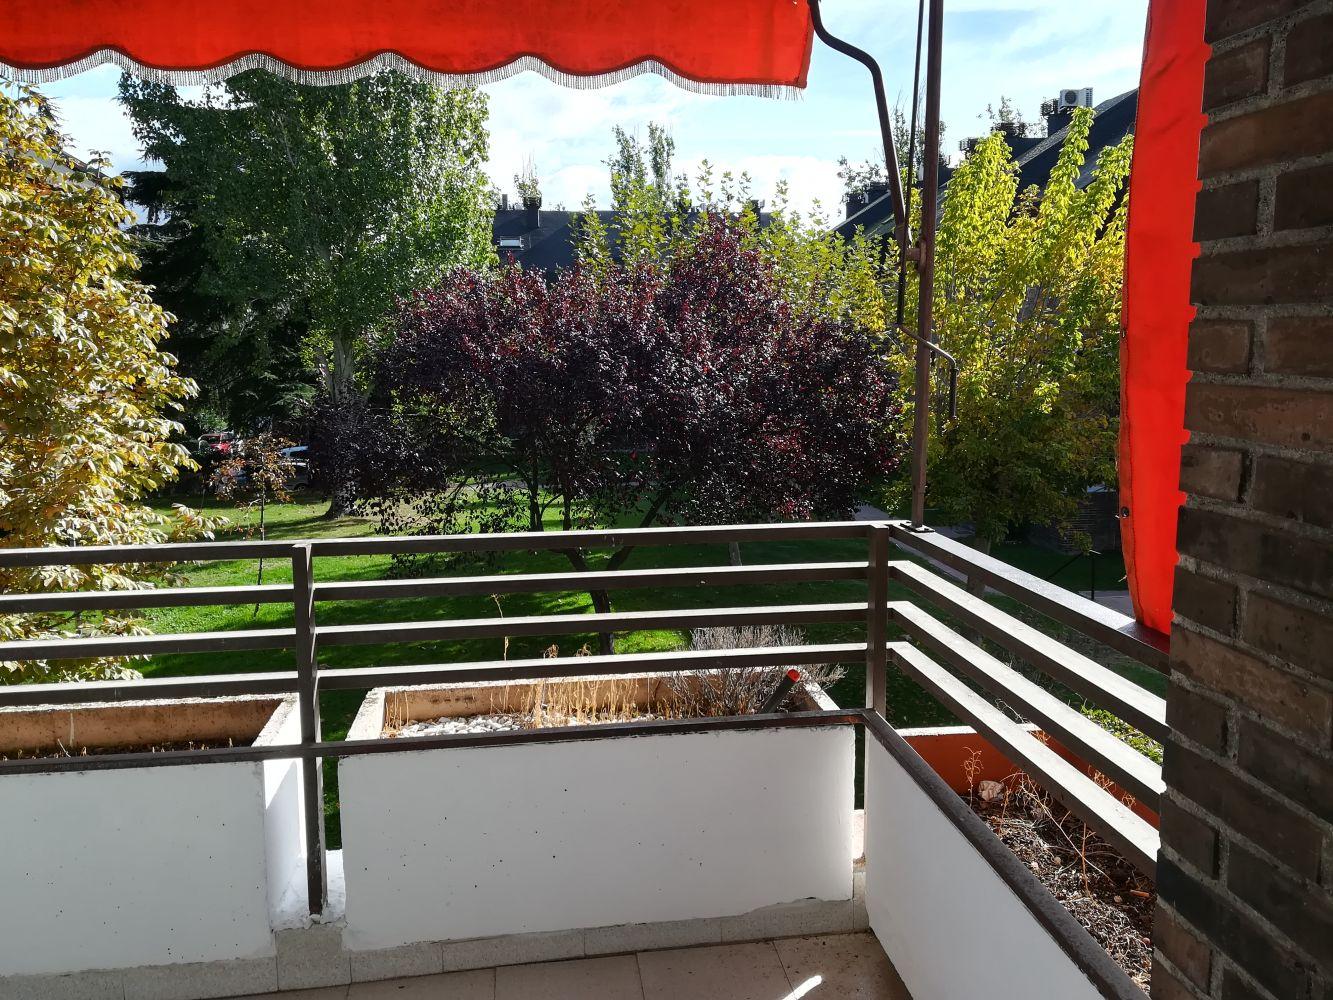 Alquiler de pisos en majadahonda vallersa - Alquiler de pisos baratos en majadahonda ...